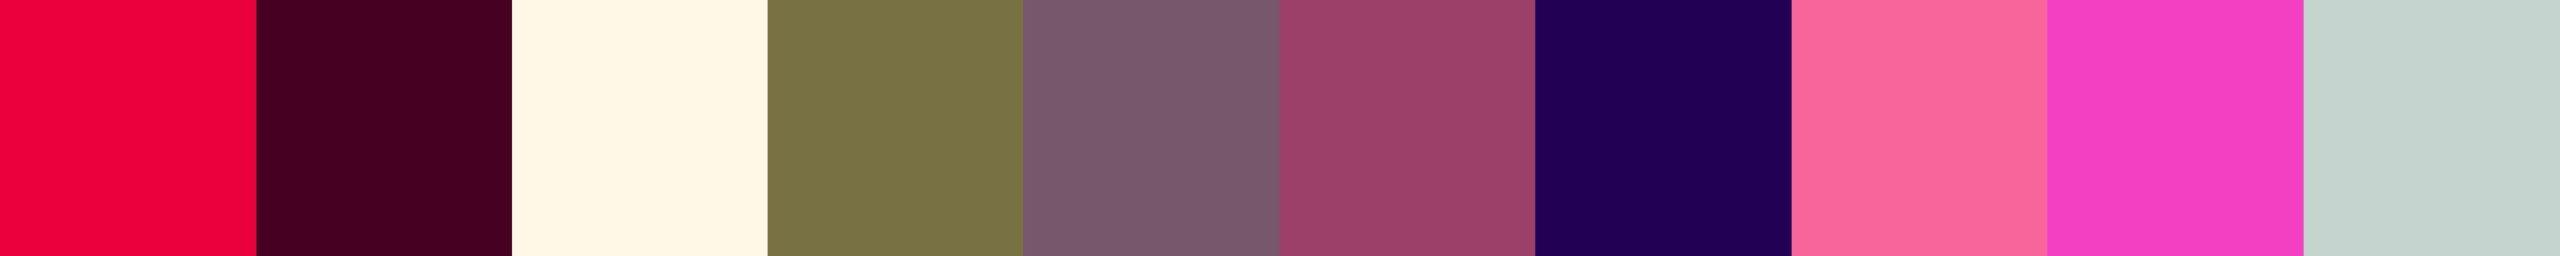 483 Neaselia Color Palette